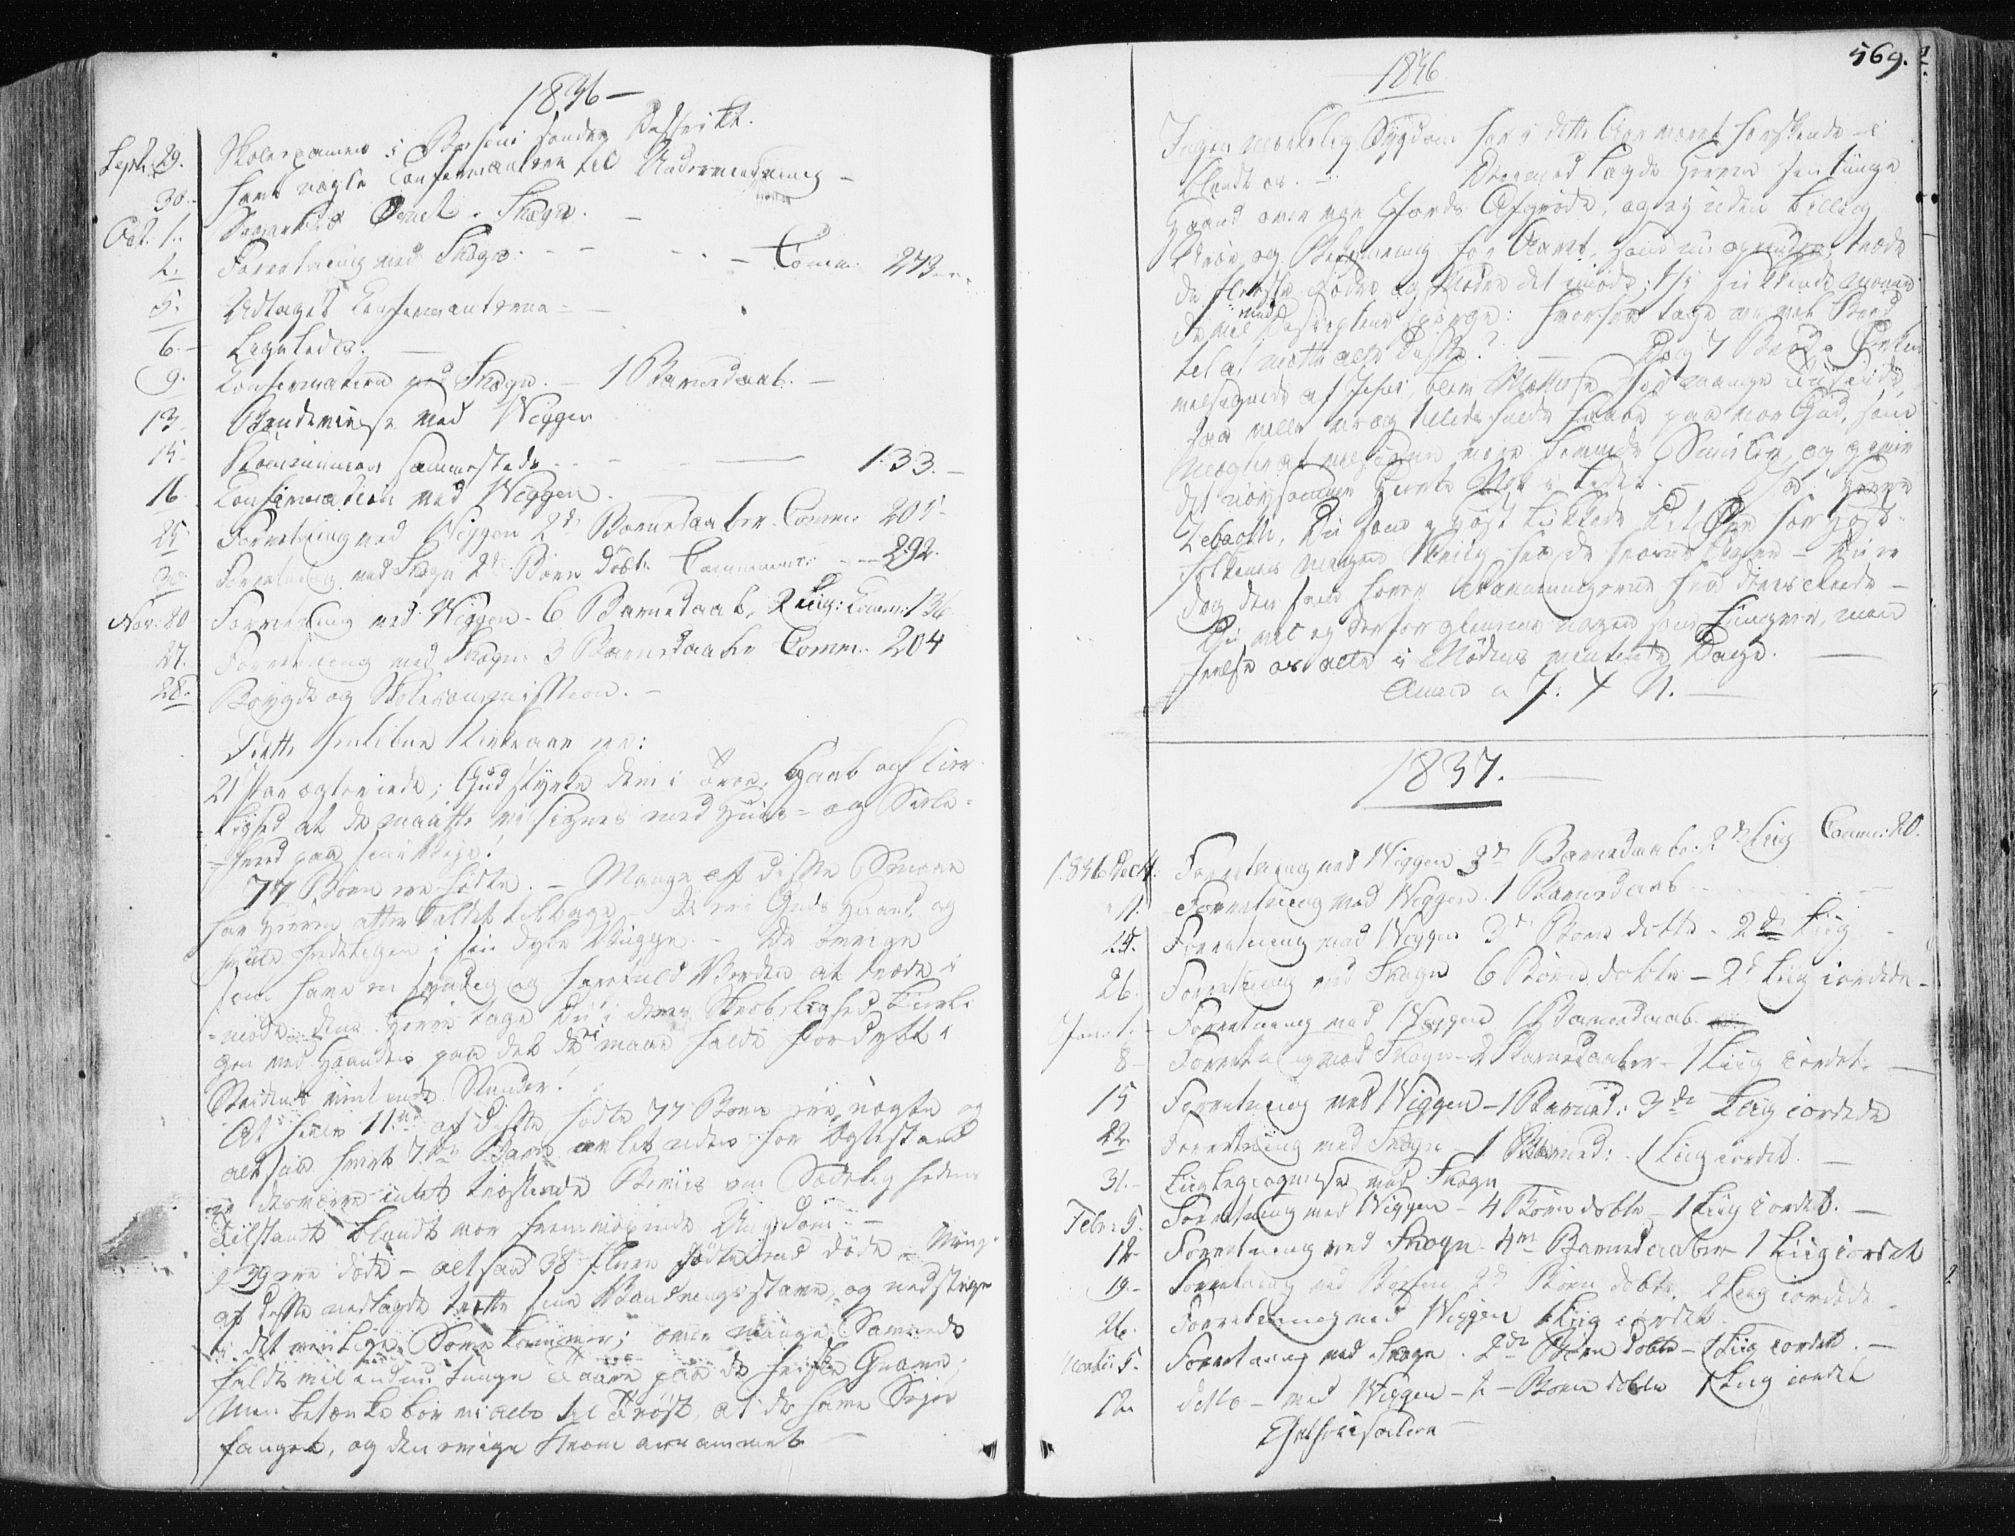 SAT, Ministerialprotokoller, klokkerbøker og fødselsregistre - Sør-Trøndelag, 665/L0771: Ministerialbok nr. 665A06, 1830-1856, s. 569